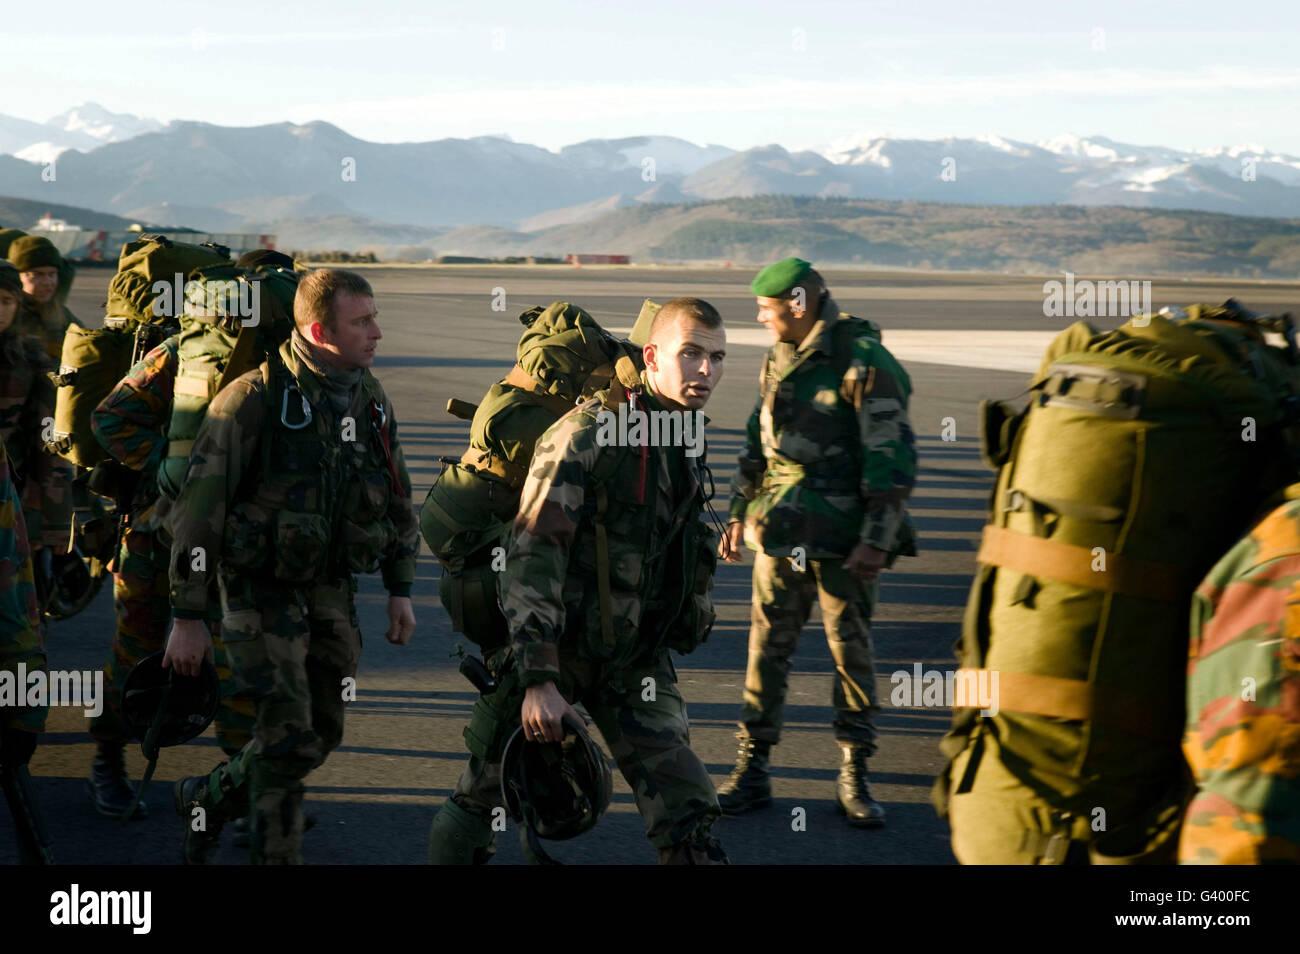 Mitglieder der französischen Fremdenlegion und Soldaten aus Belgien (mit gelben Markierungen in Uniformen) Stockbild